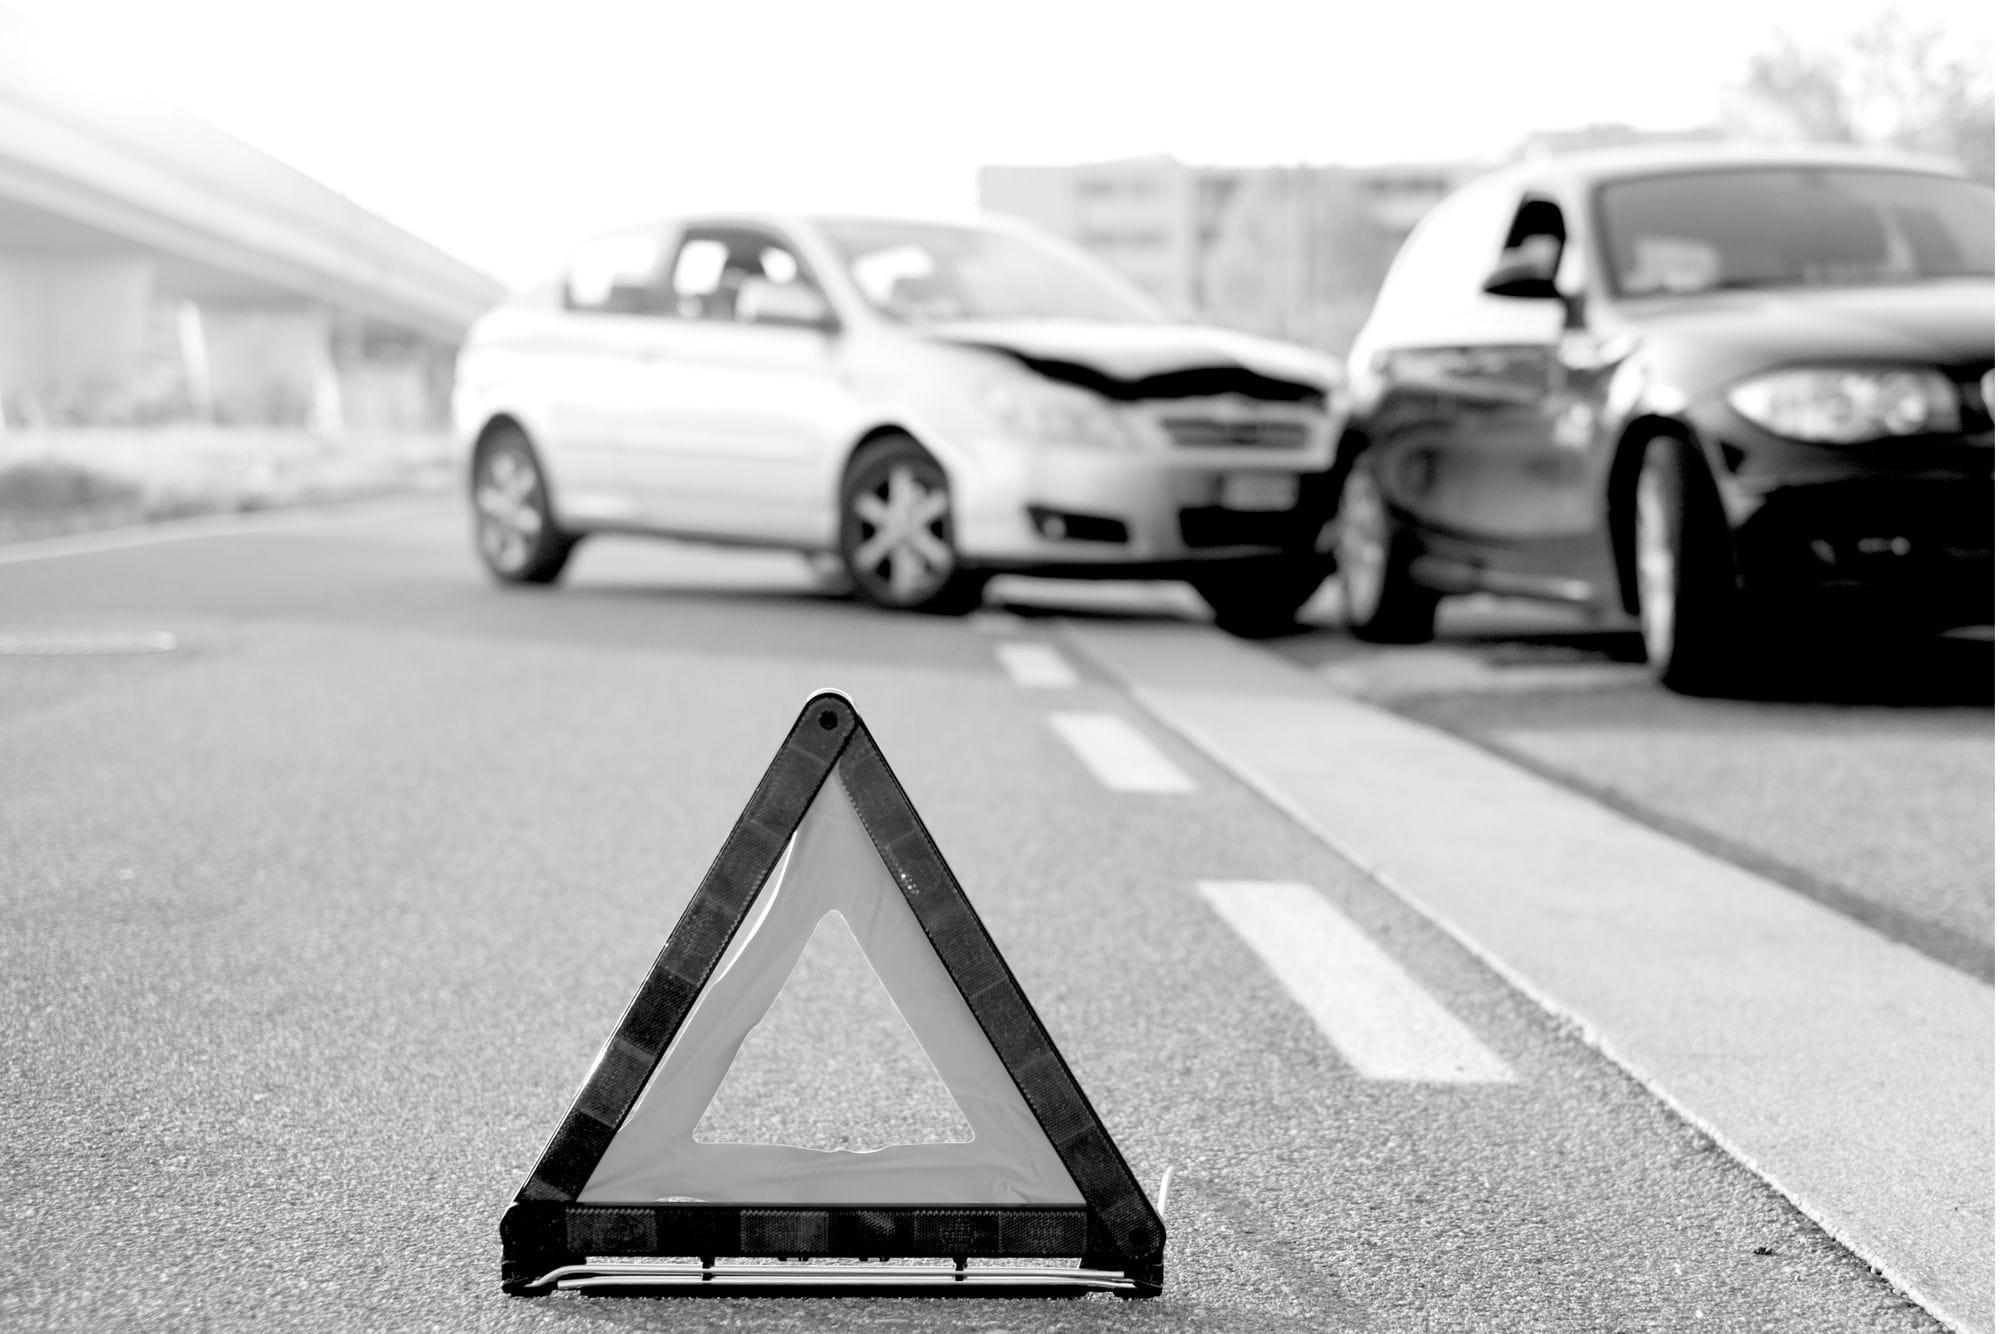 τρίγωνο προειδοποίησης στημένο στην άσφαλτο και πίσω οχήματα που έχουν τρακάρει μεταξύ τους